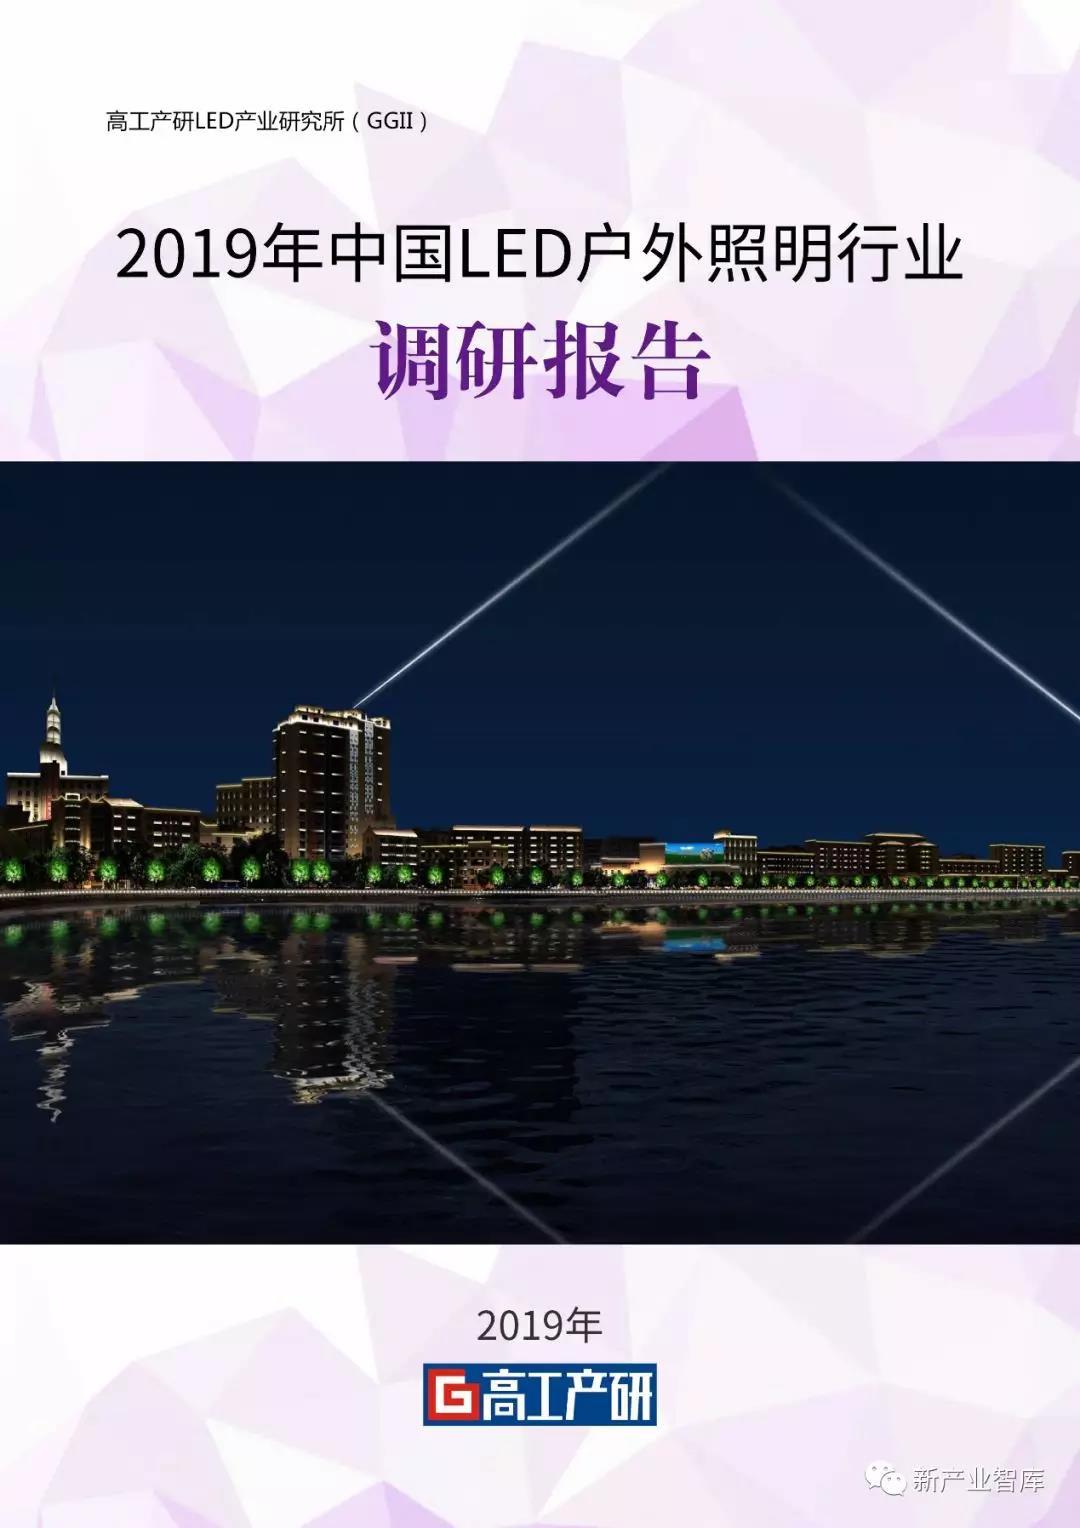 2019年中国户外照明市场将接近1100亿元